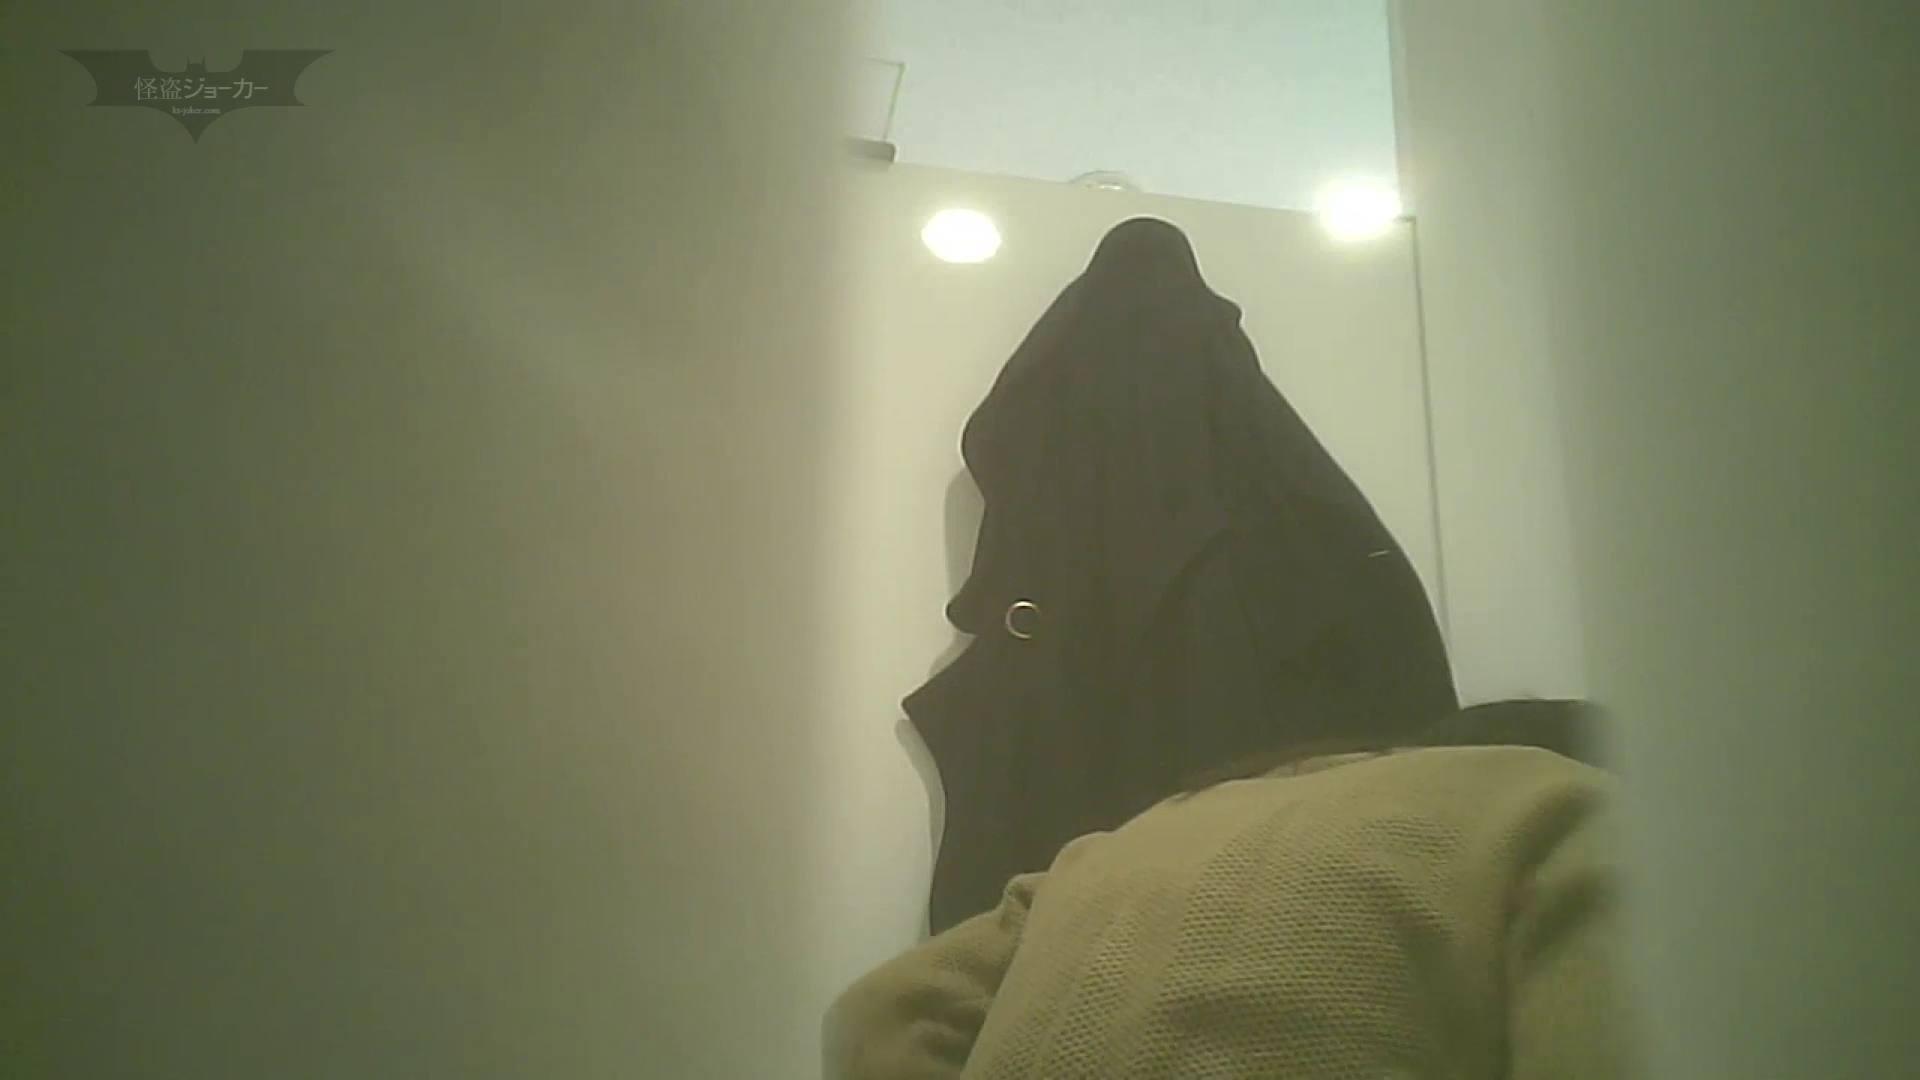 有名大学女性洗面所 vol.54 設置撮影最高峰!! 3視点でじっくり観察 和式 おめこ無修正画像 86PIX 4